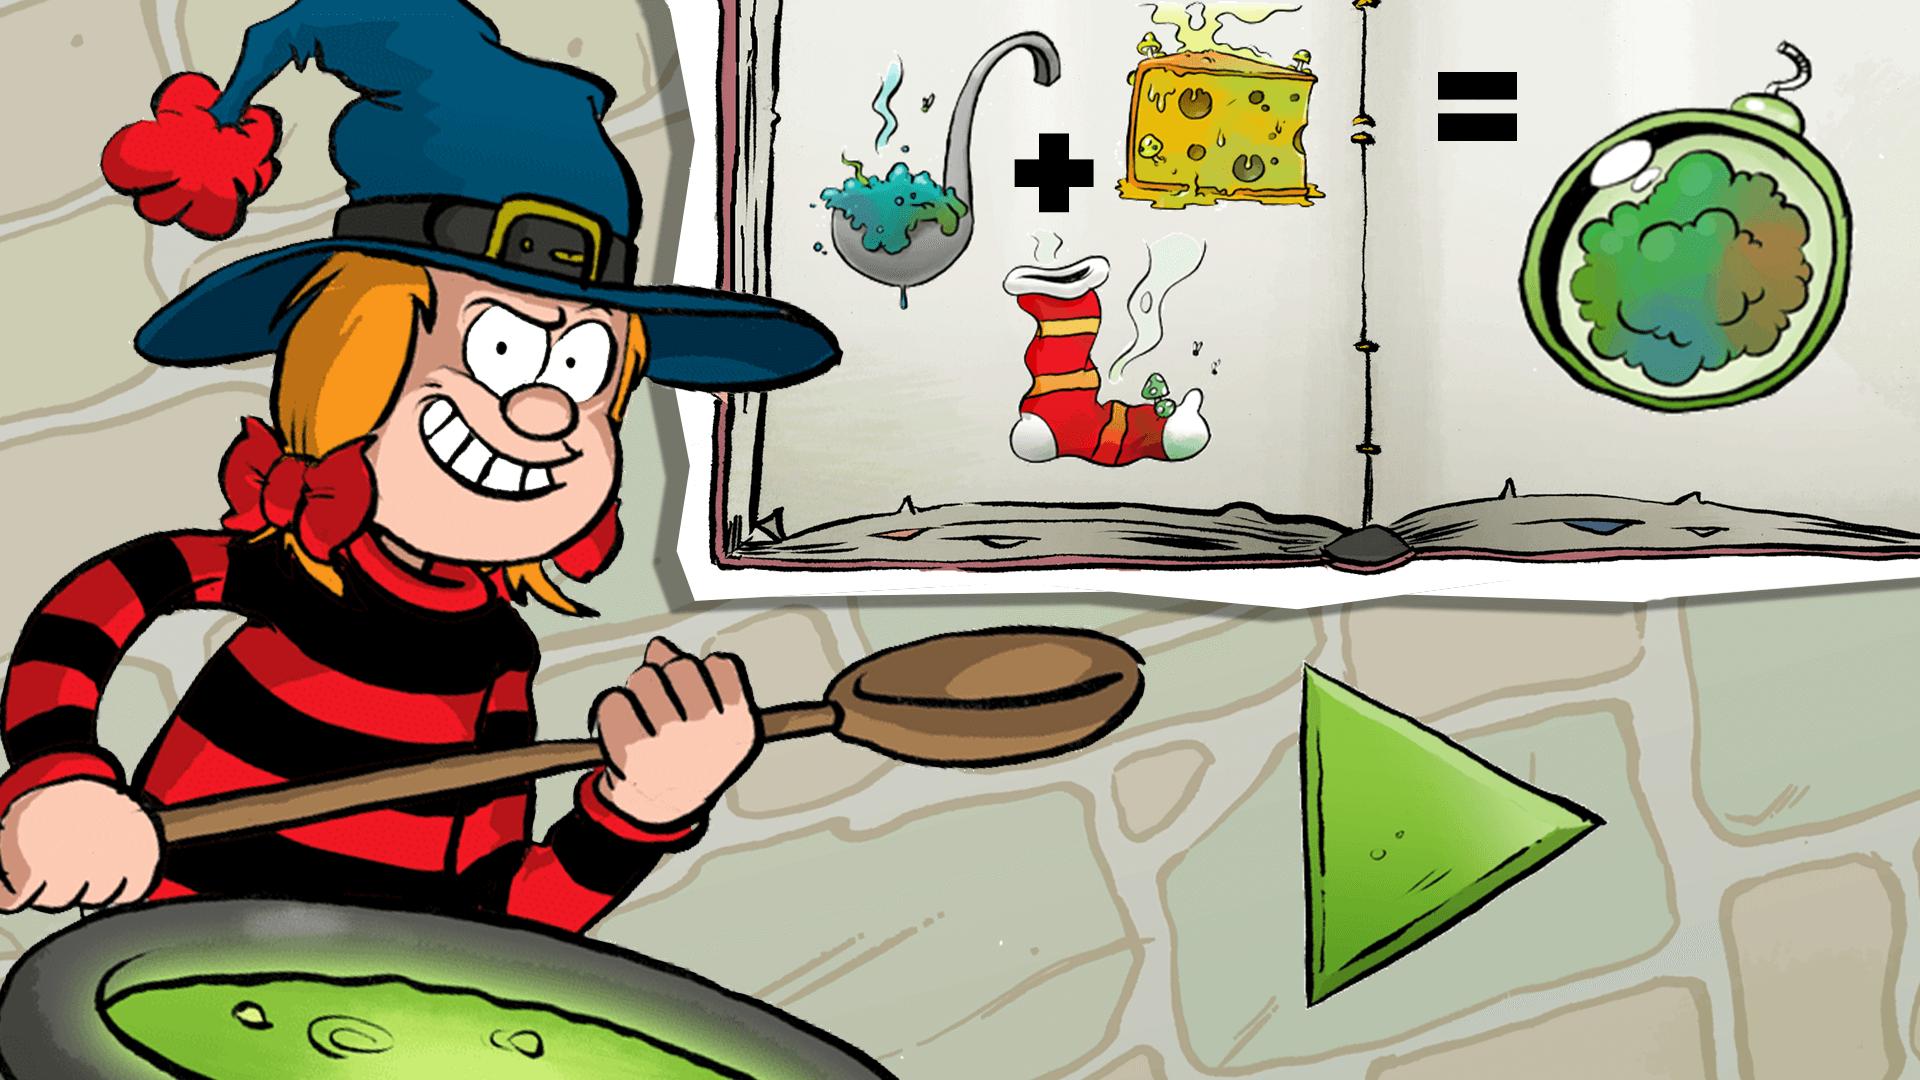 Minnie the Minx's Magic Brew